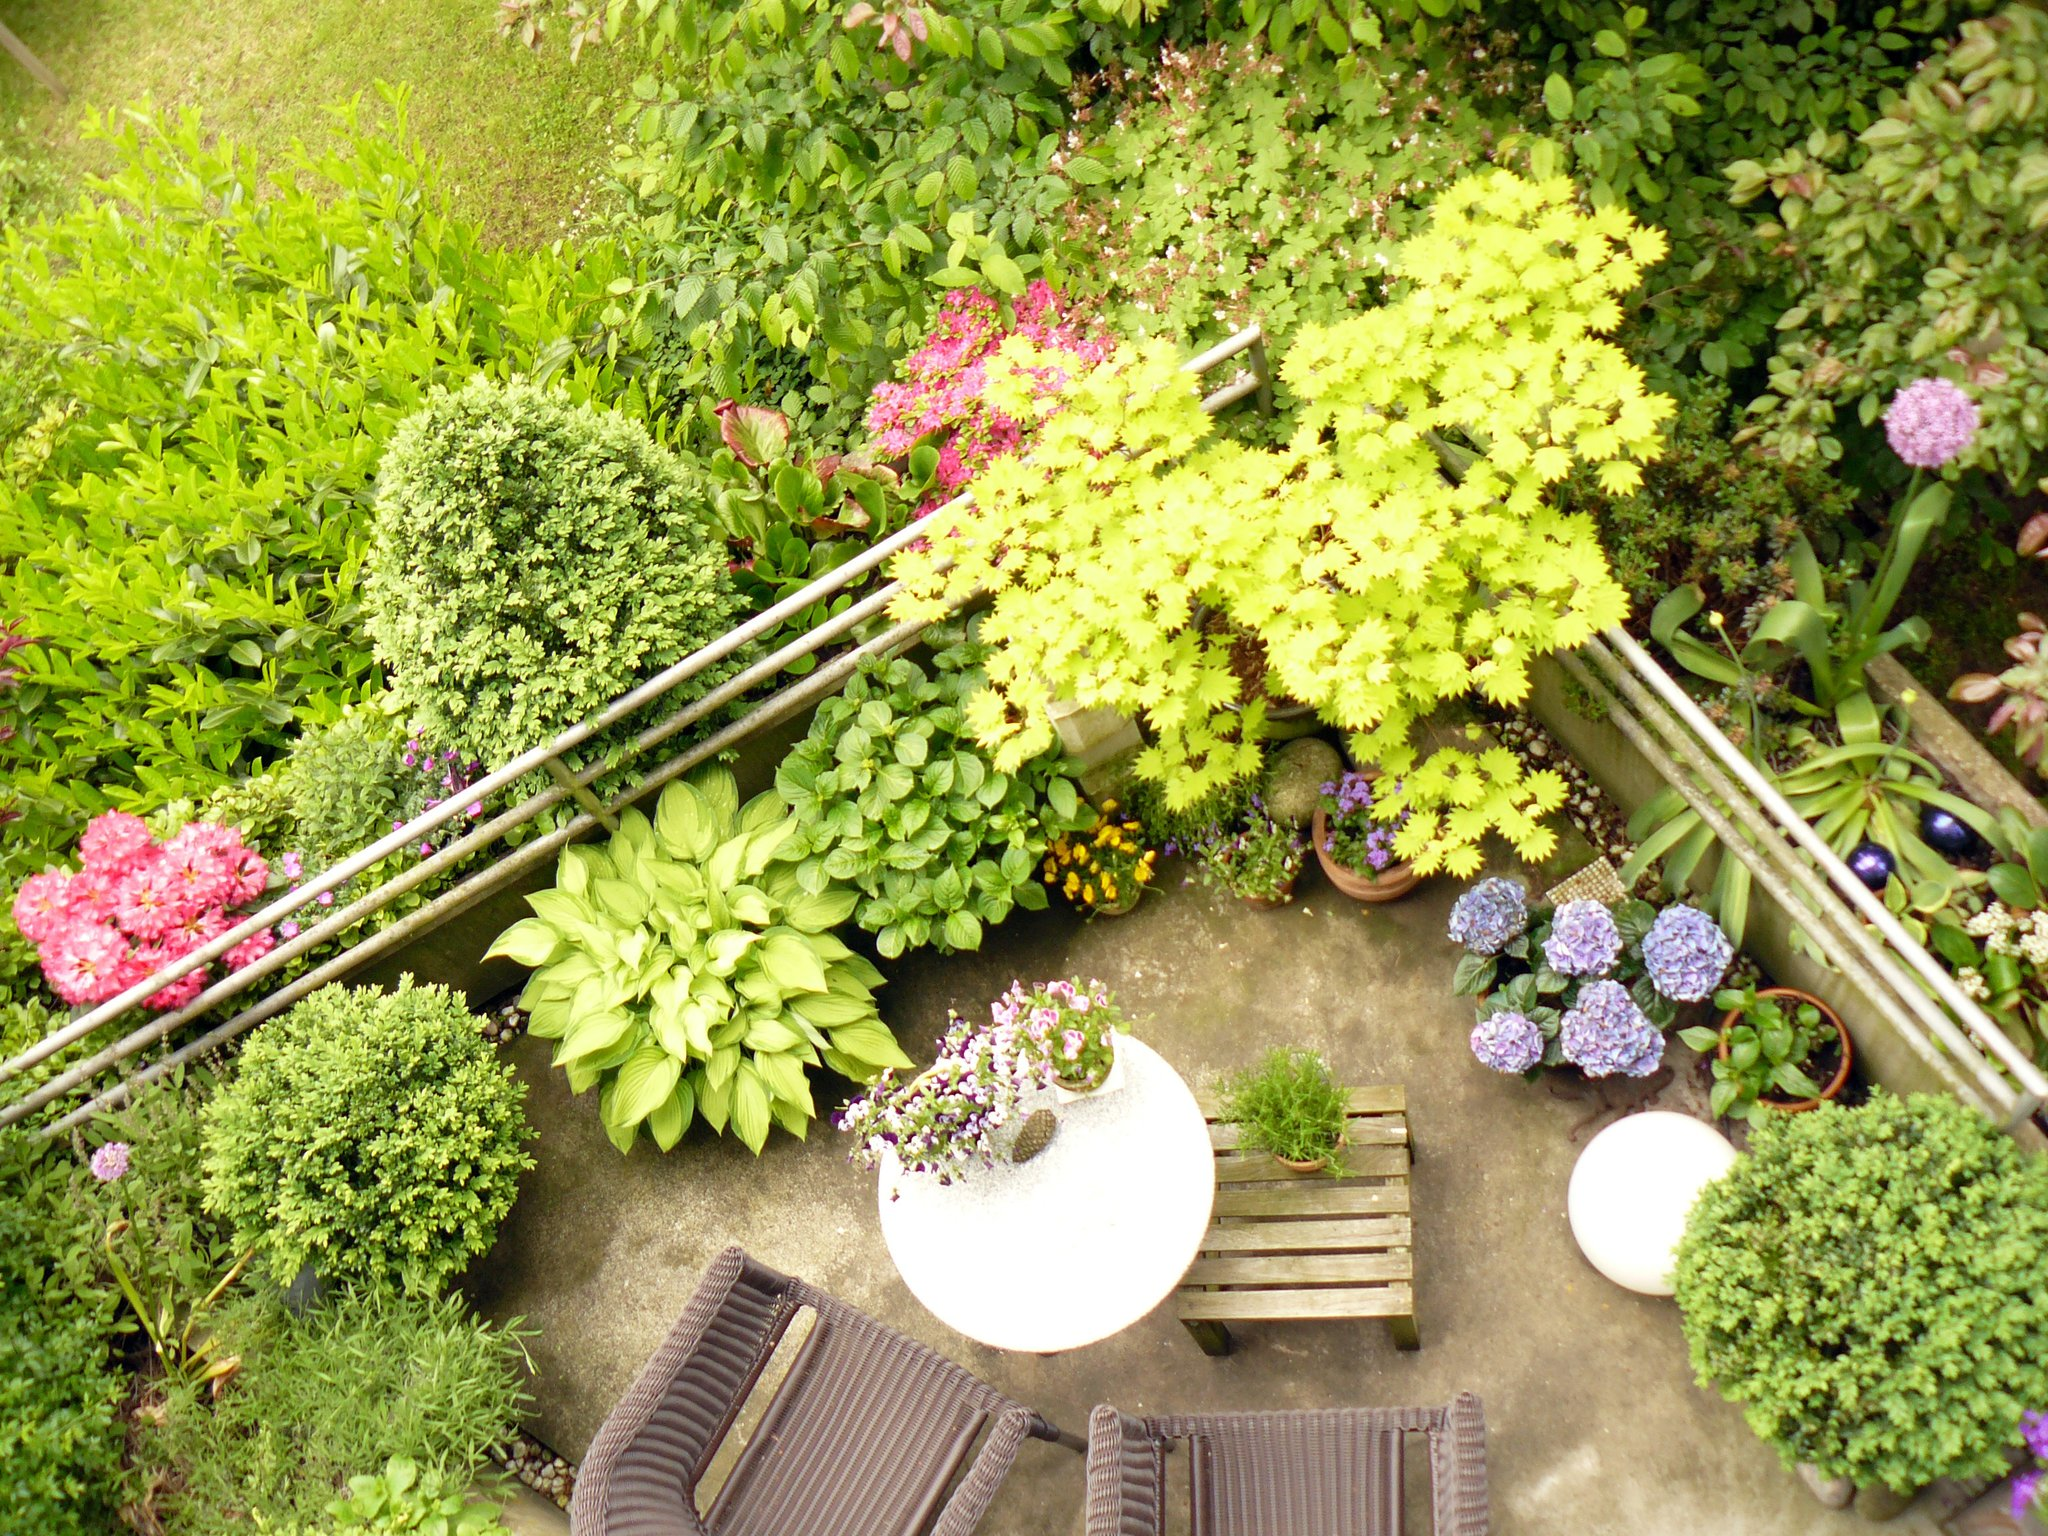 Doros Garten Journal 7 So kreativ sind Lüner Lünen